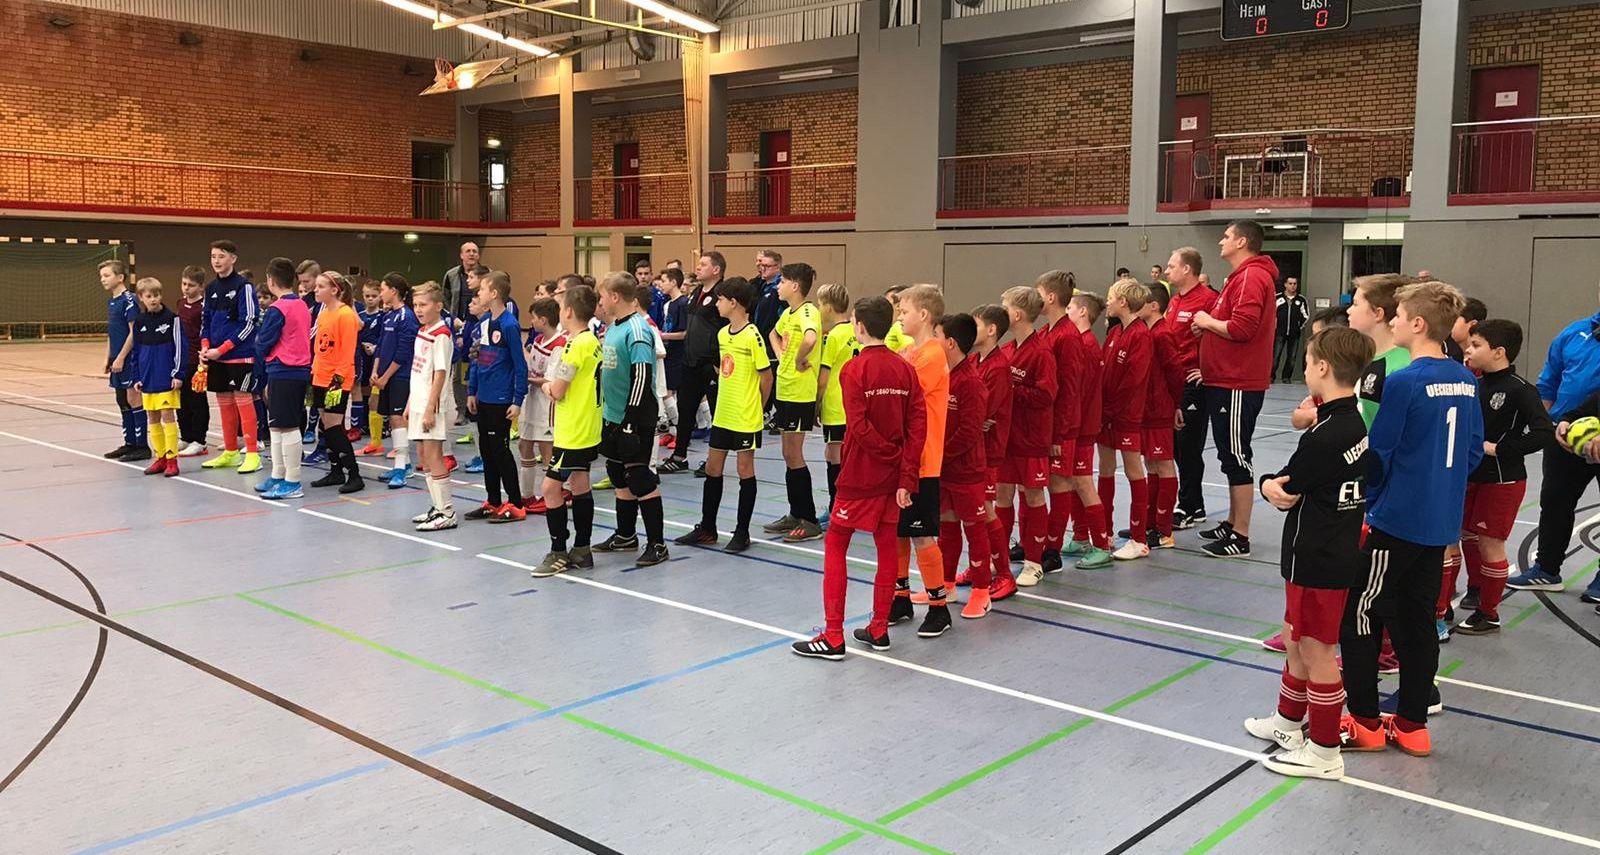 Futsal-Landesmeisterschaft: D1-Jugend wird in Grimmen Sechster